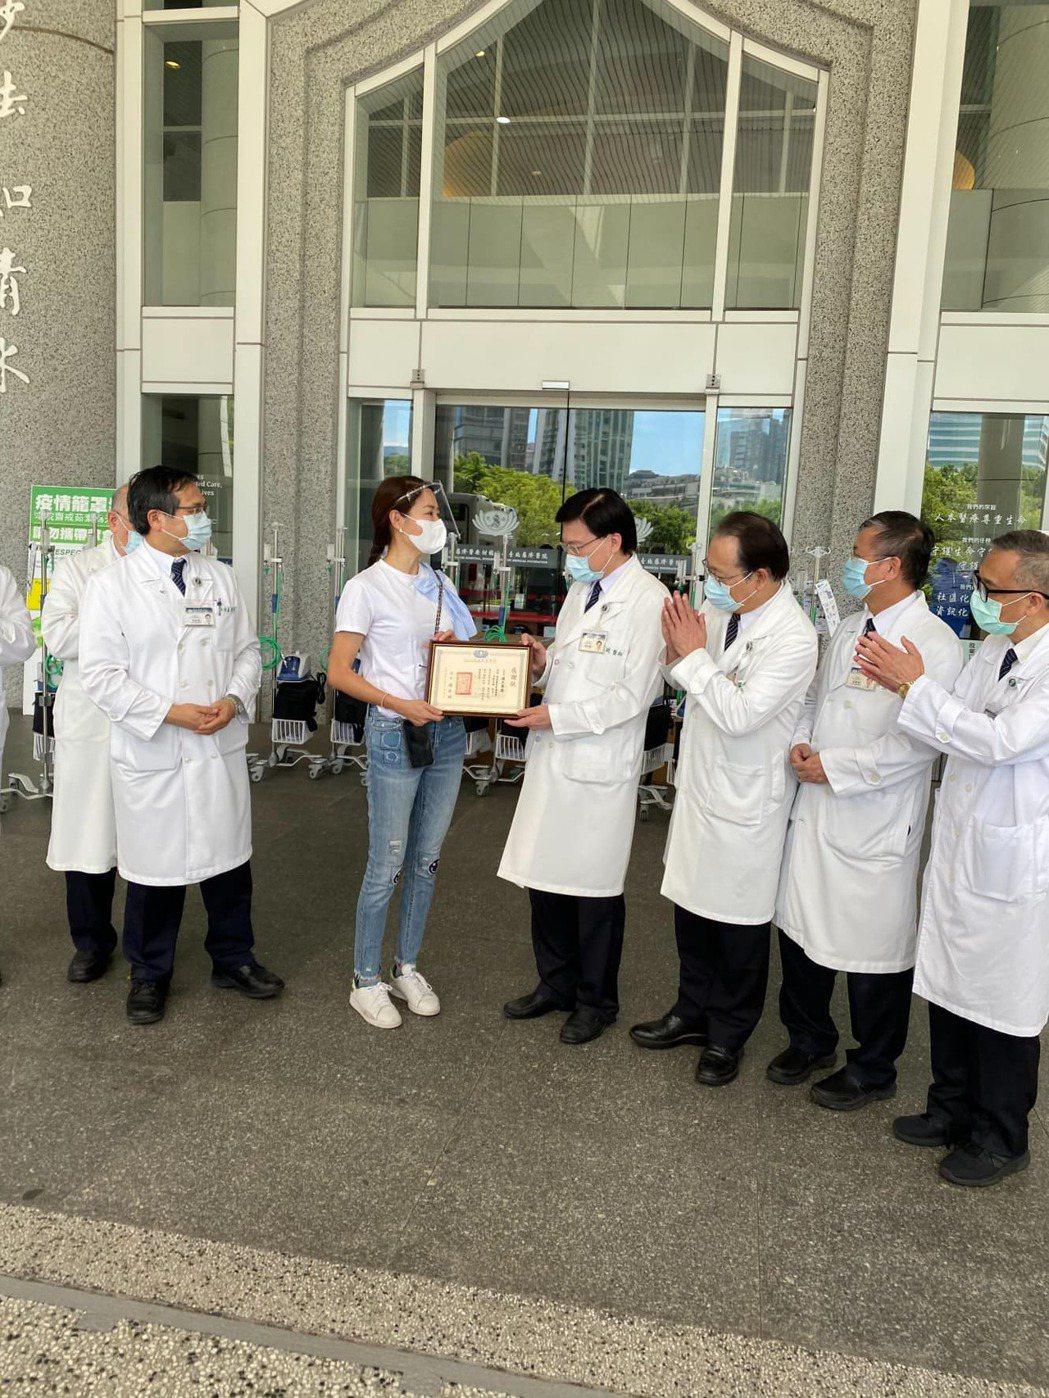 賈永婕募捐「救命神器」HFNC給各醫院。圖/擷自臉書